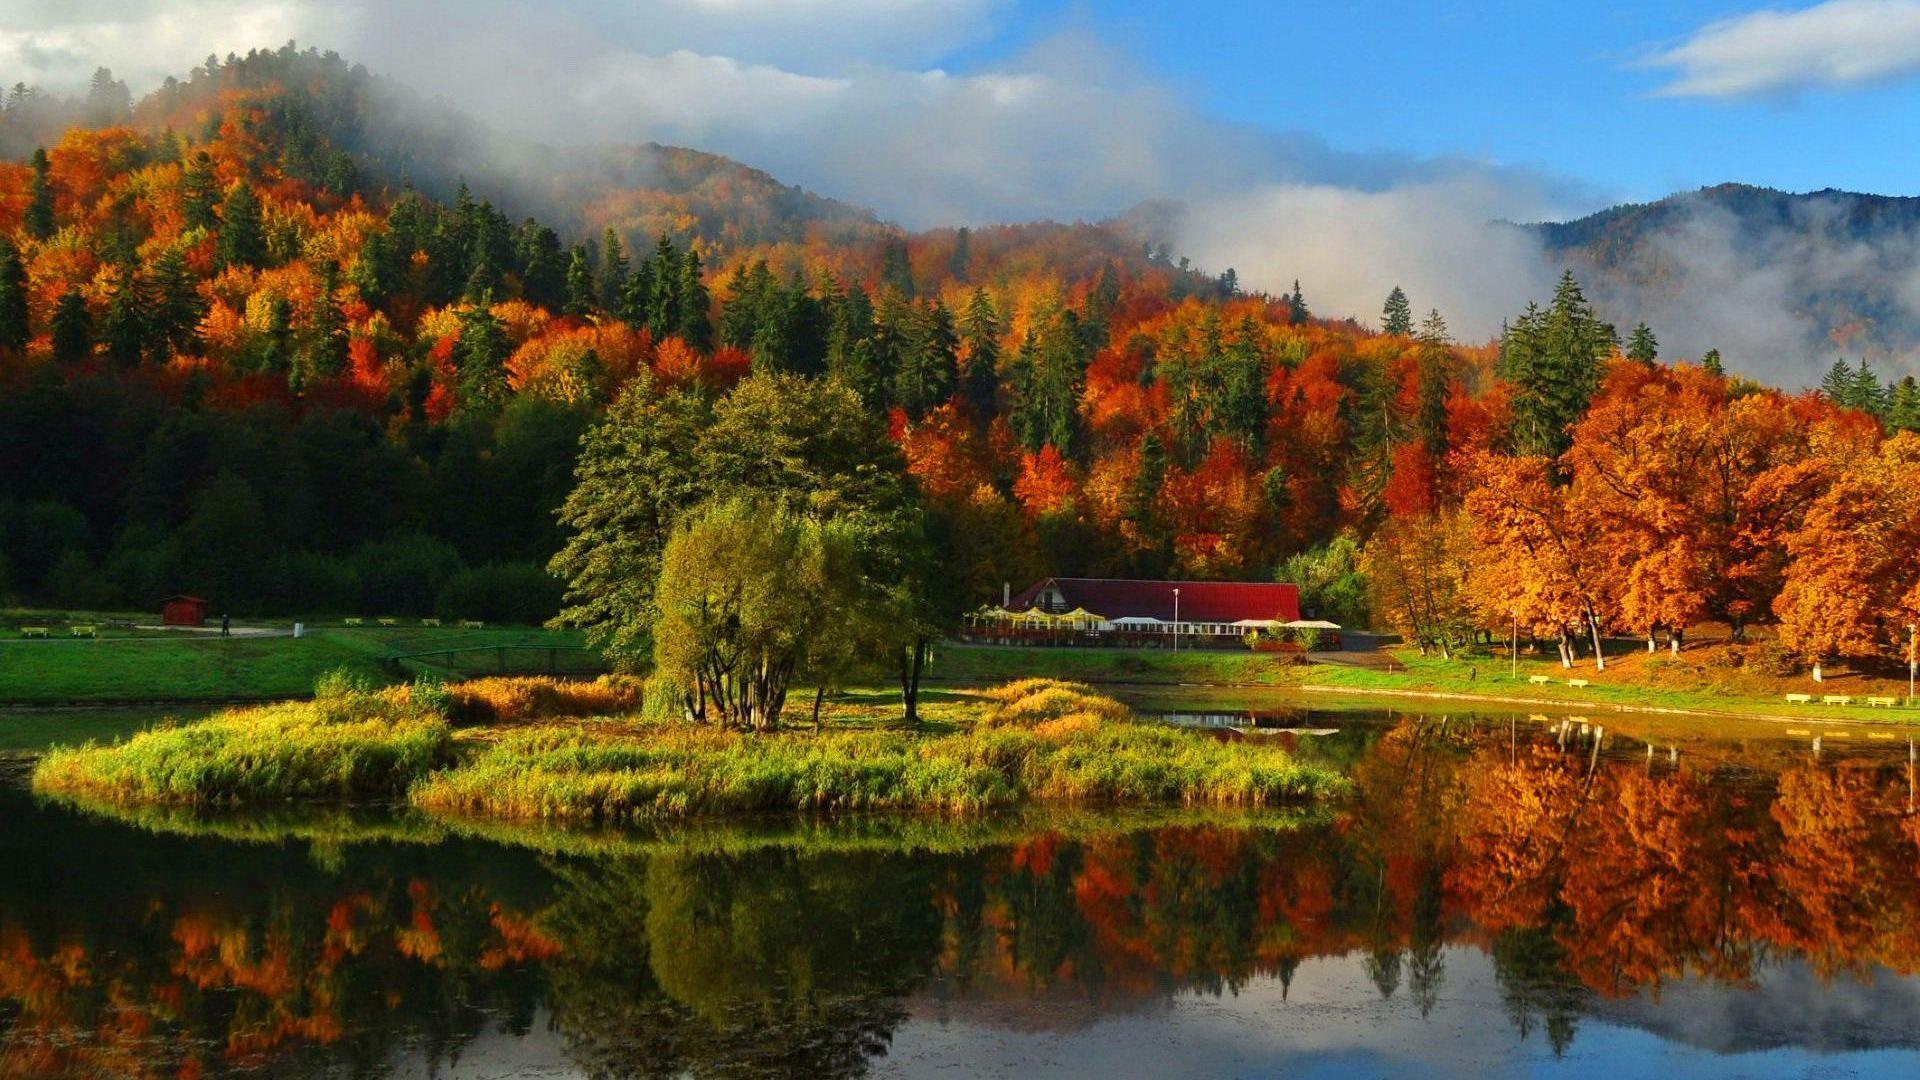 Misty autumn mountain wallpapers HD.